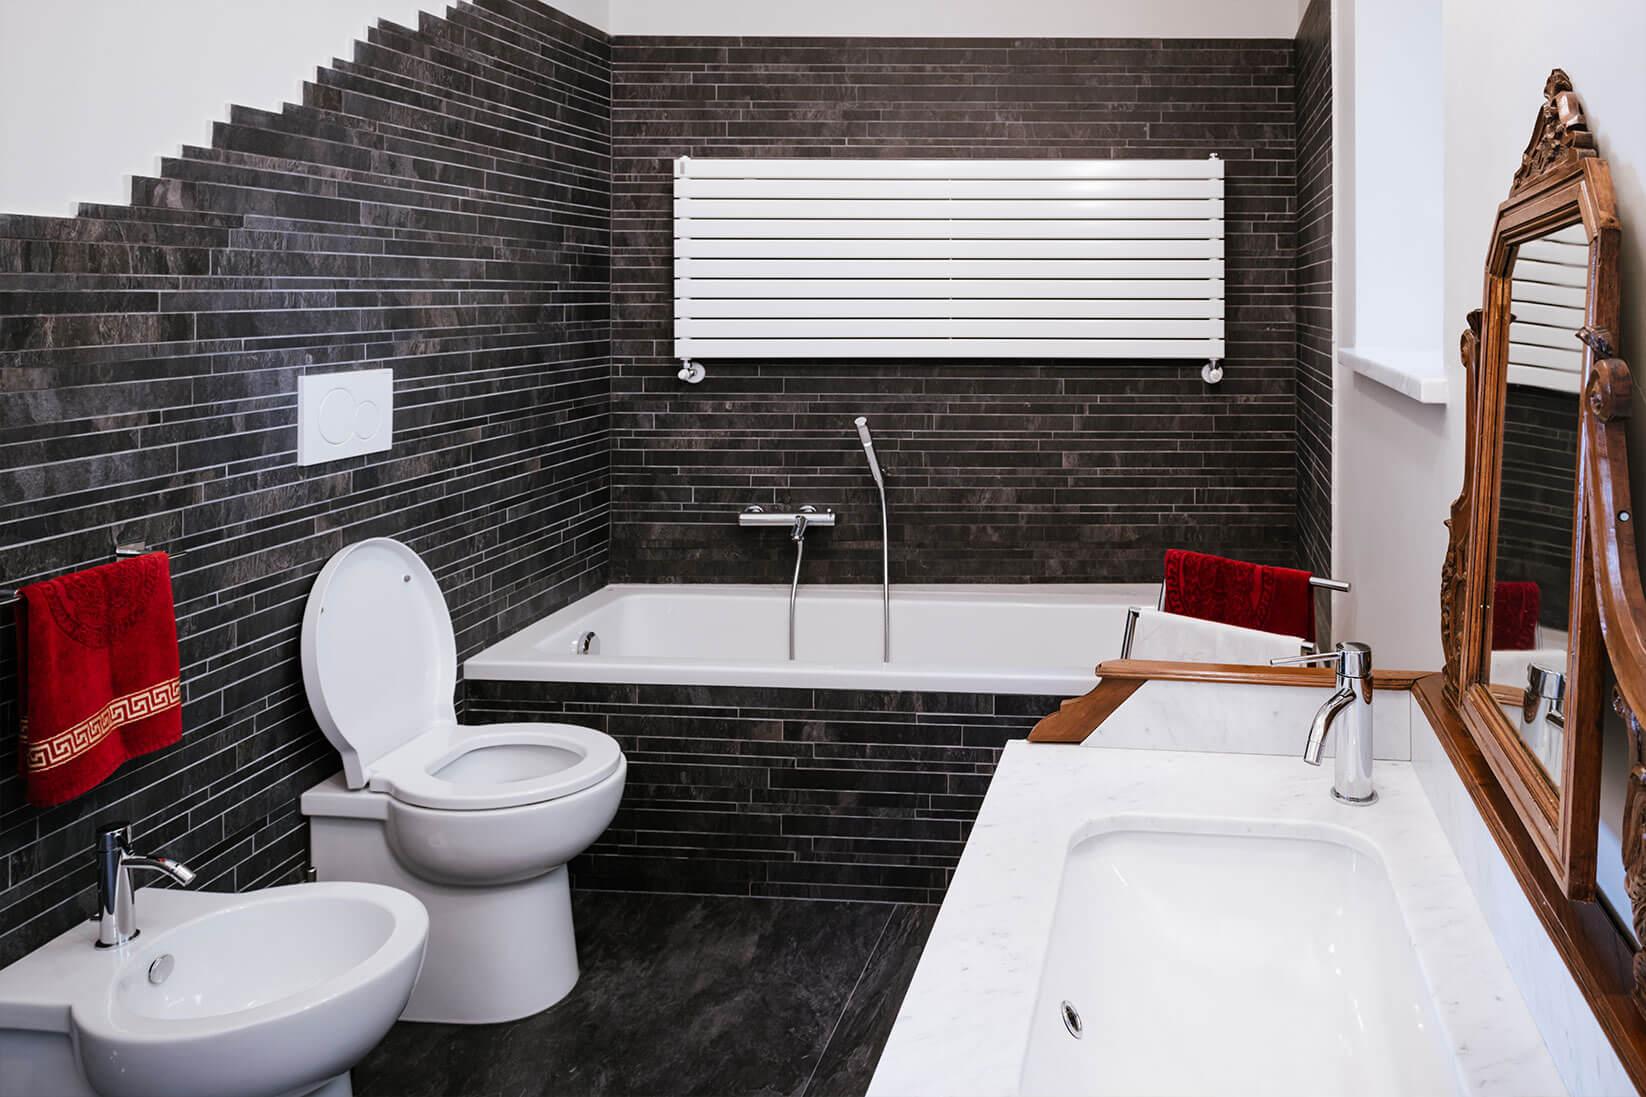 Costo Per Rifare Bagno quanto costa ristrutturare il bagno di casa? - idea ristruttura